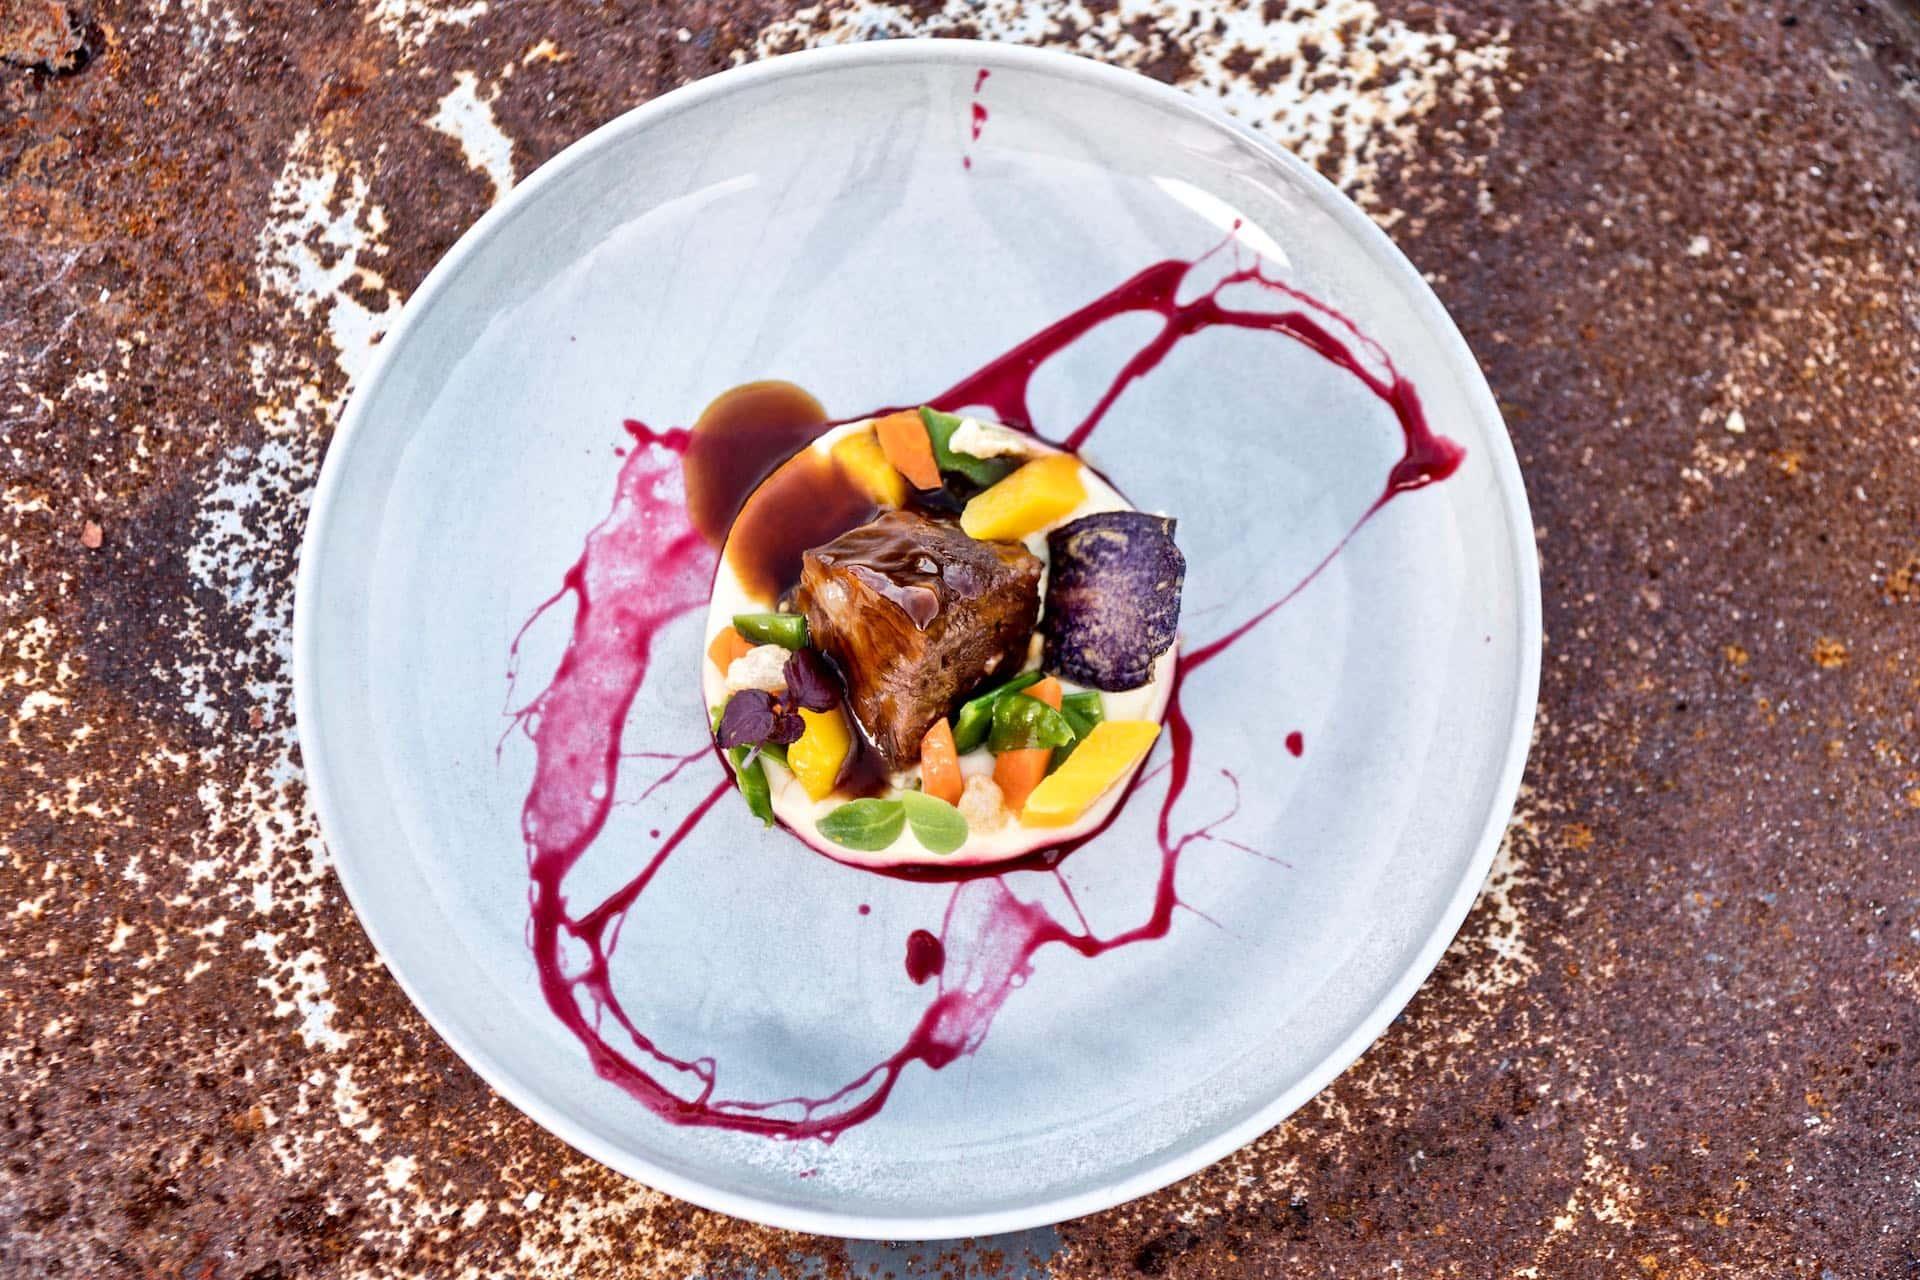 Seehof Keller | Herbst Gericht - Autumn Dish